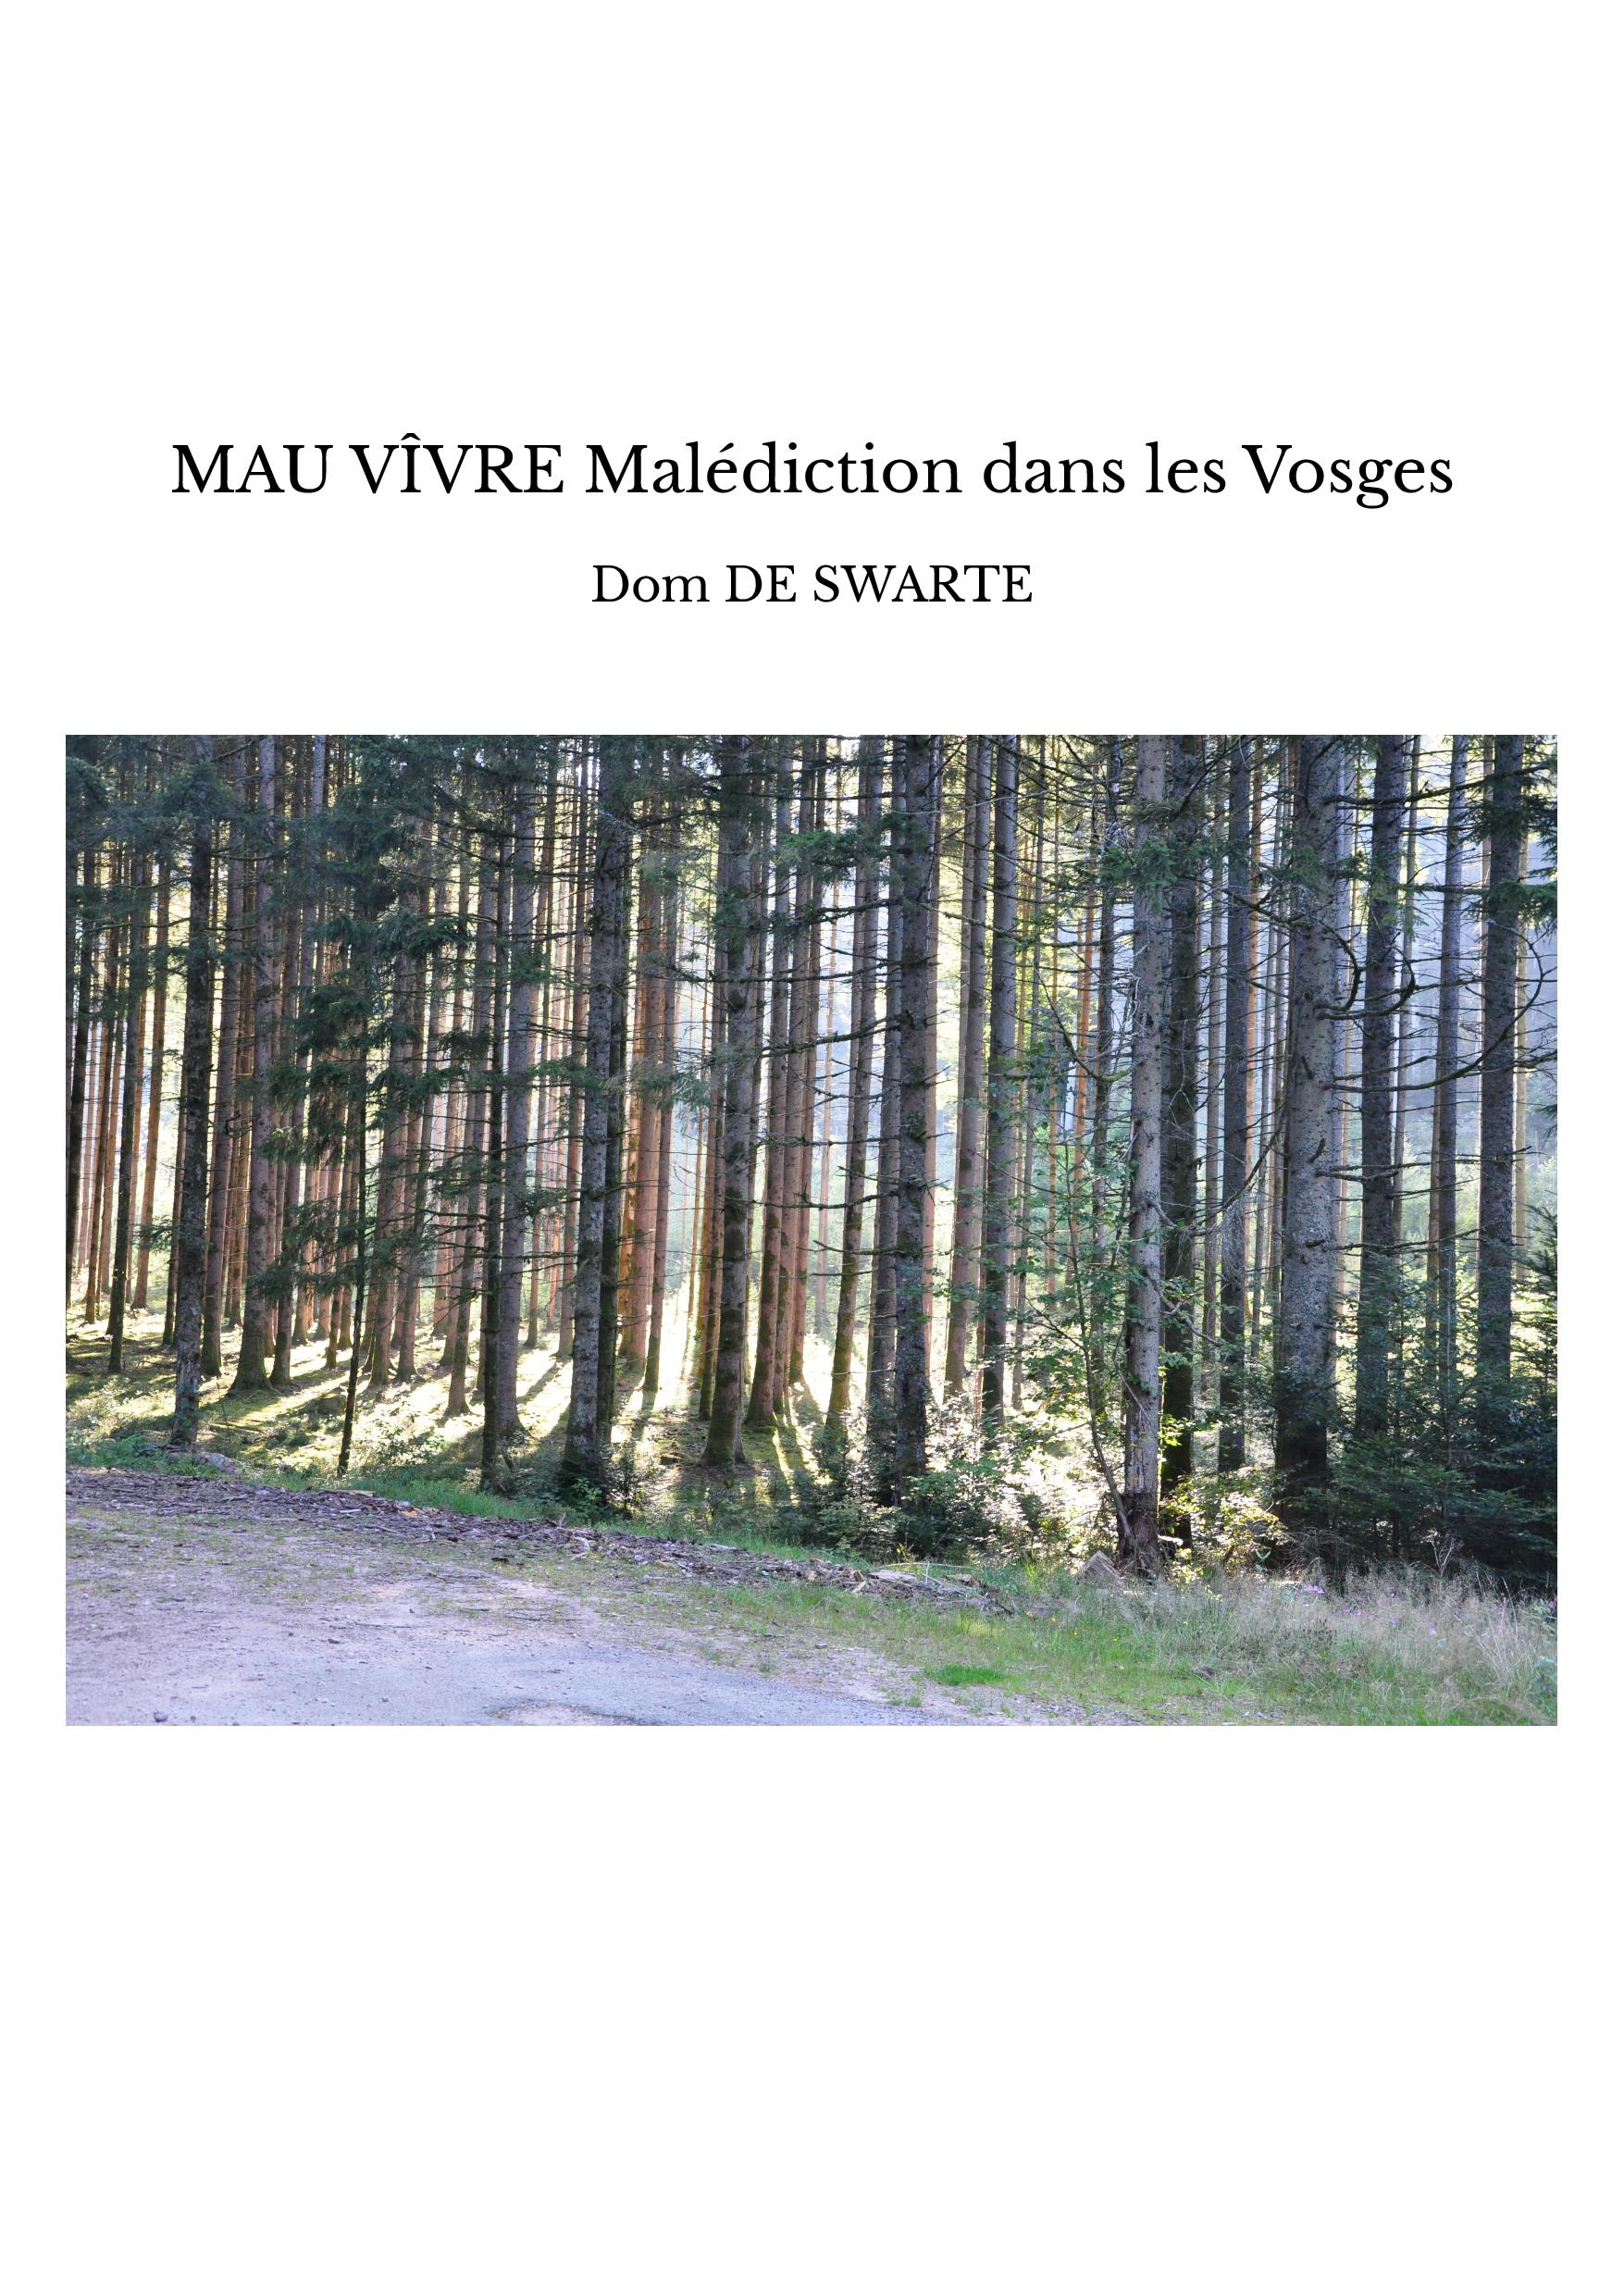 MAU VÎVRE Malédiction dans les Vosges